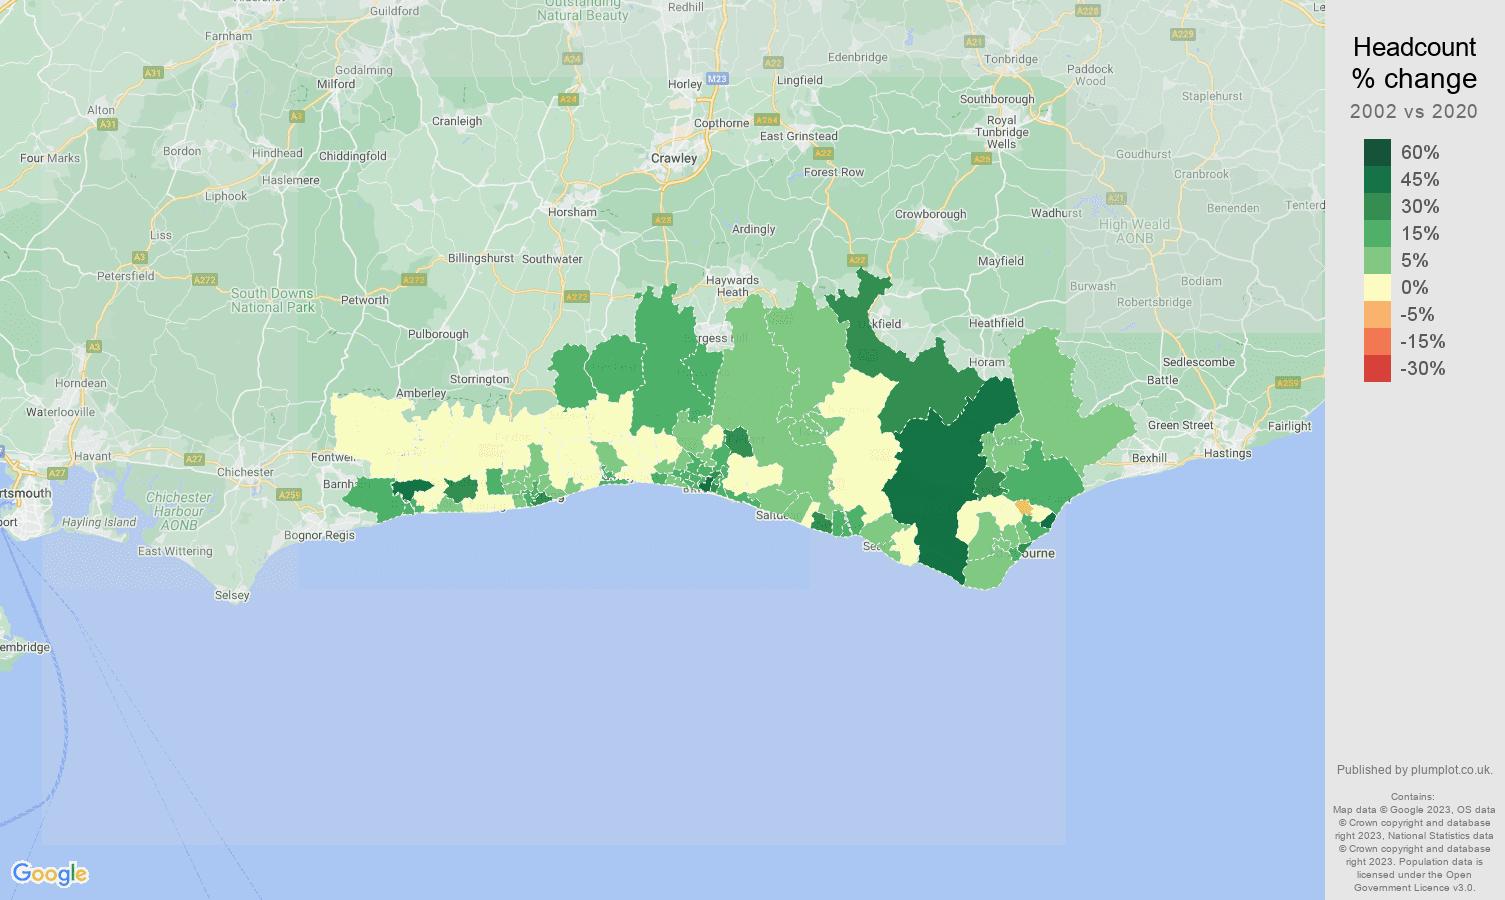 Brighton headcount change map